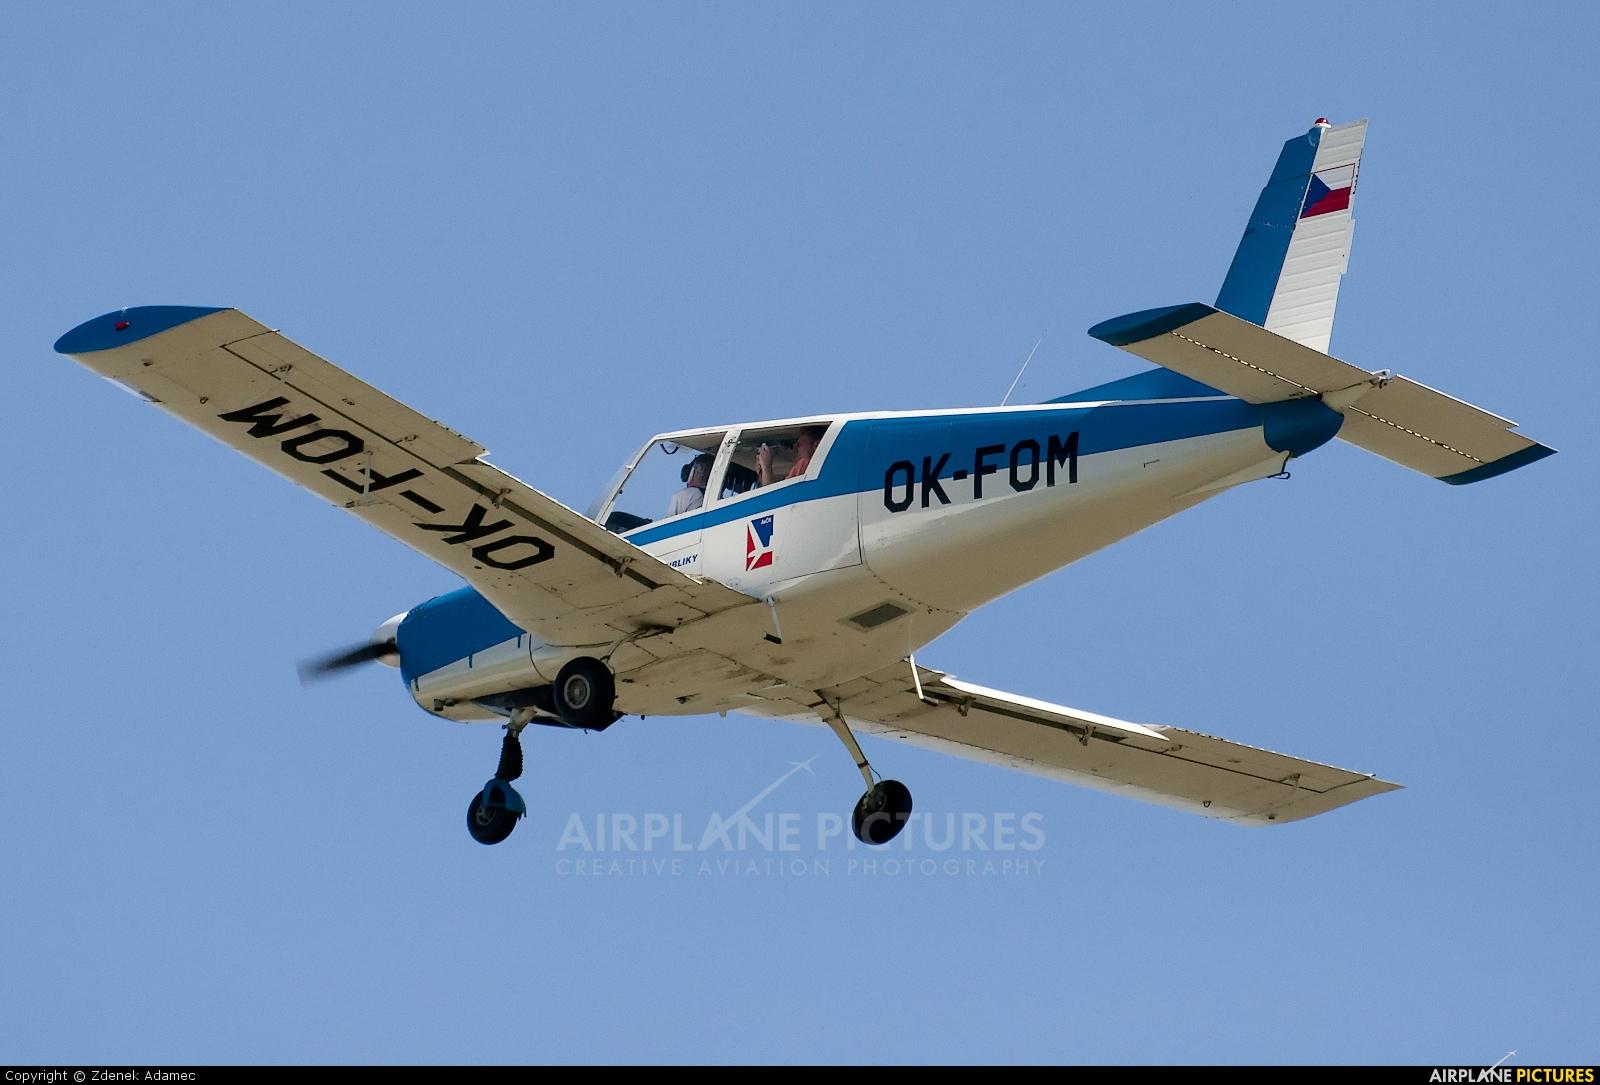 Aeroklub Czech Republic OK-FOM aircraft at Příbram